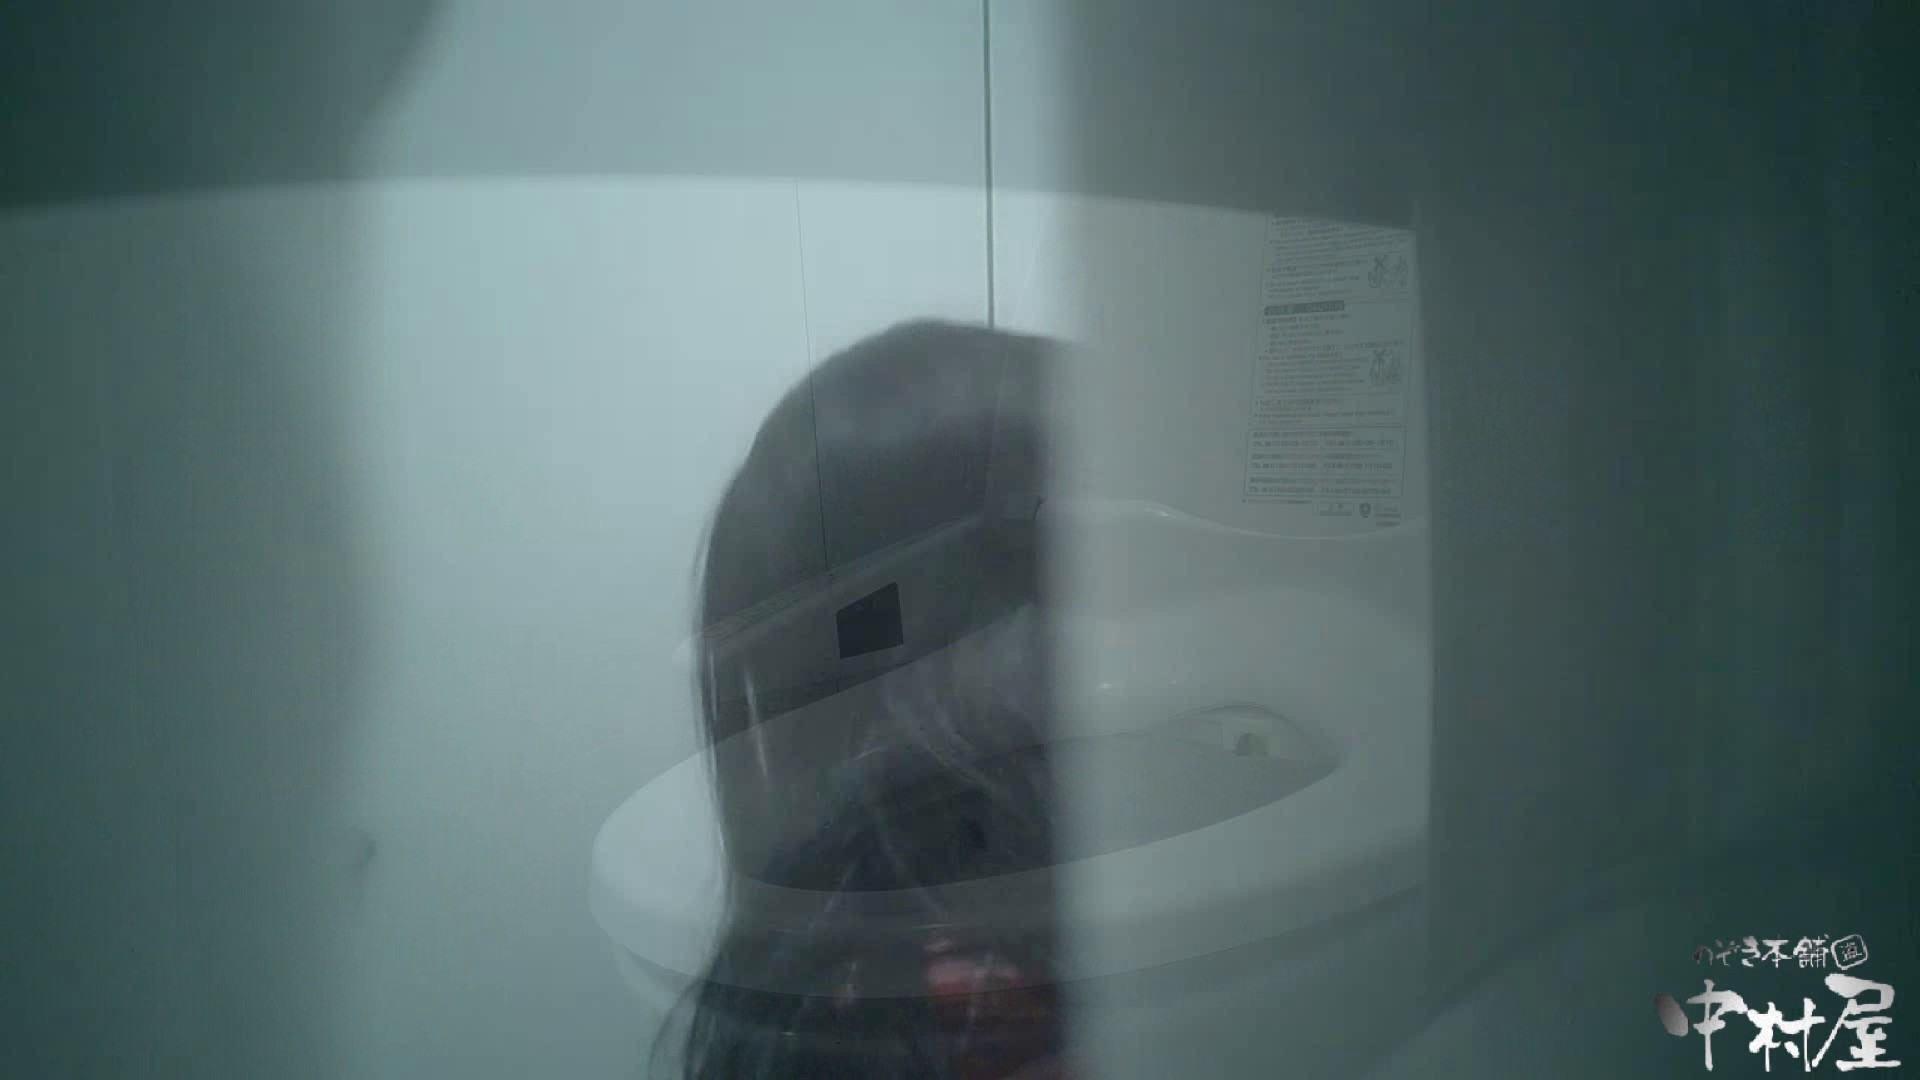 【某有名大学女性洗面所】有名大学女性洗面所 vol.43 いつみても神秘的な世界です。 0  105pic 80